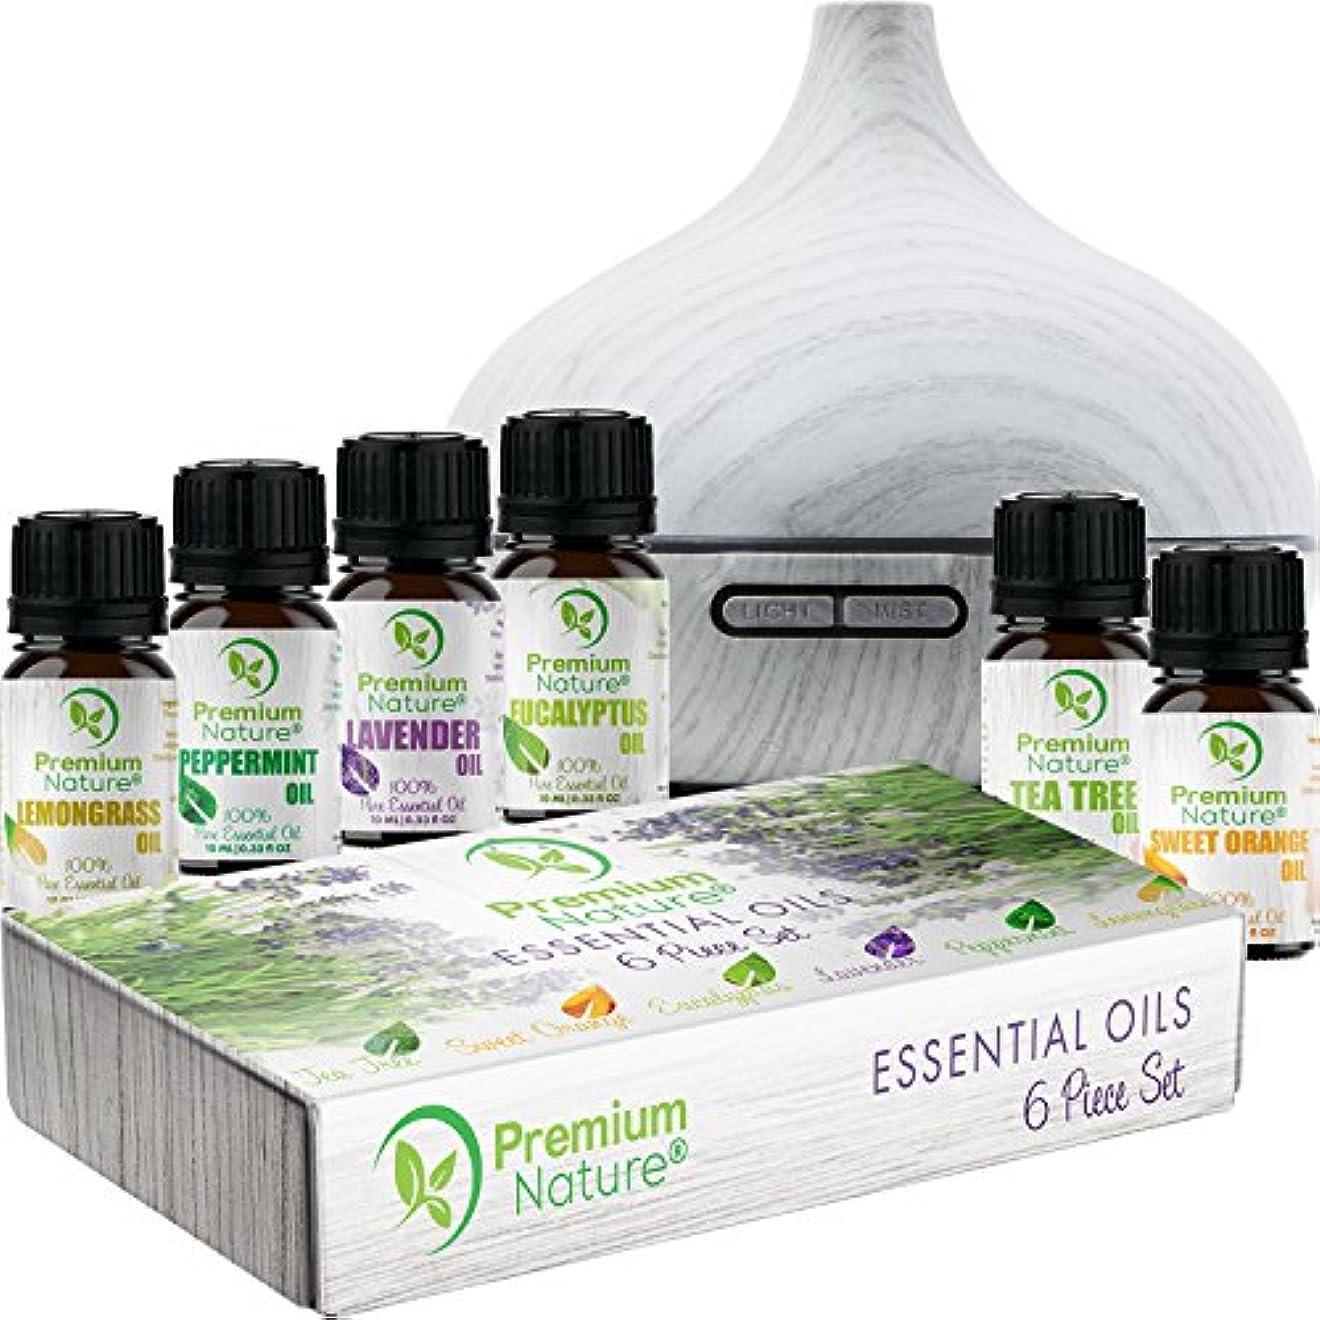 金額不健全防腐剤Aromatherapy Essential Oil & Diffuser Gift Set – 250 mlタンク& Top 6 Oils – Therapeutic Grade – ペパーミント、ティーツリー、レモングラス...